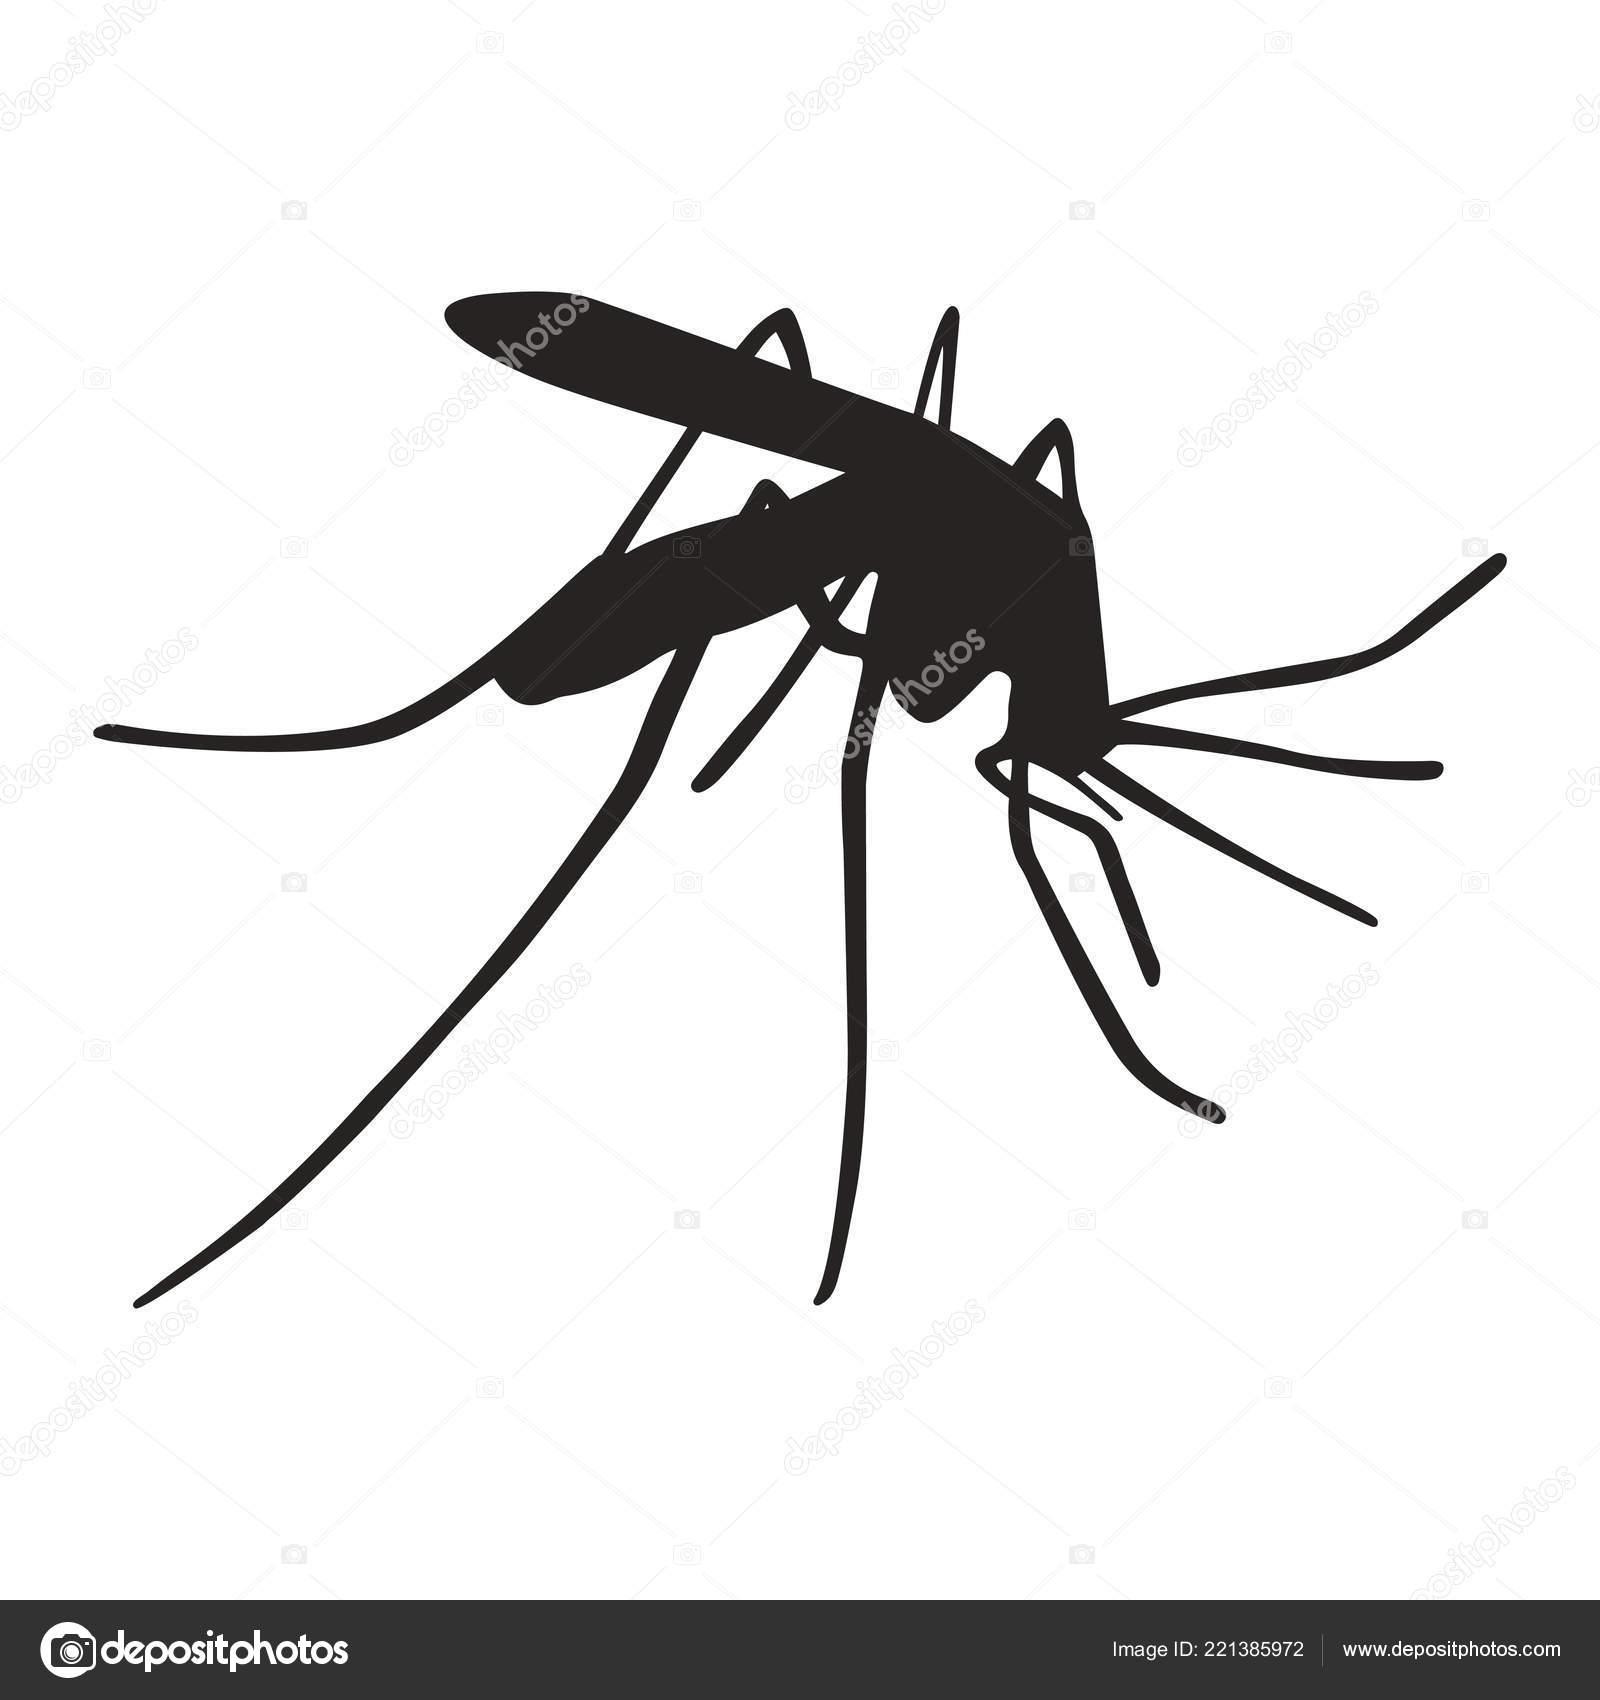 Sagoma Zanzara Del Segno Nero Sagoma Zanzara Chiuda Isolato Sfondo